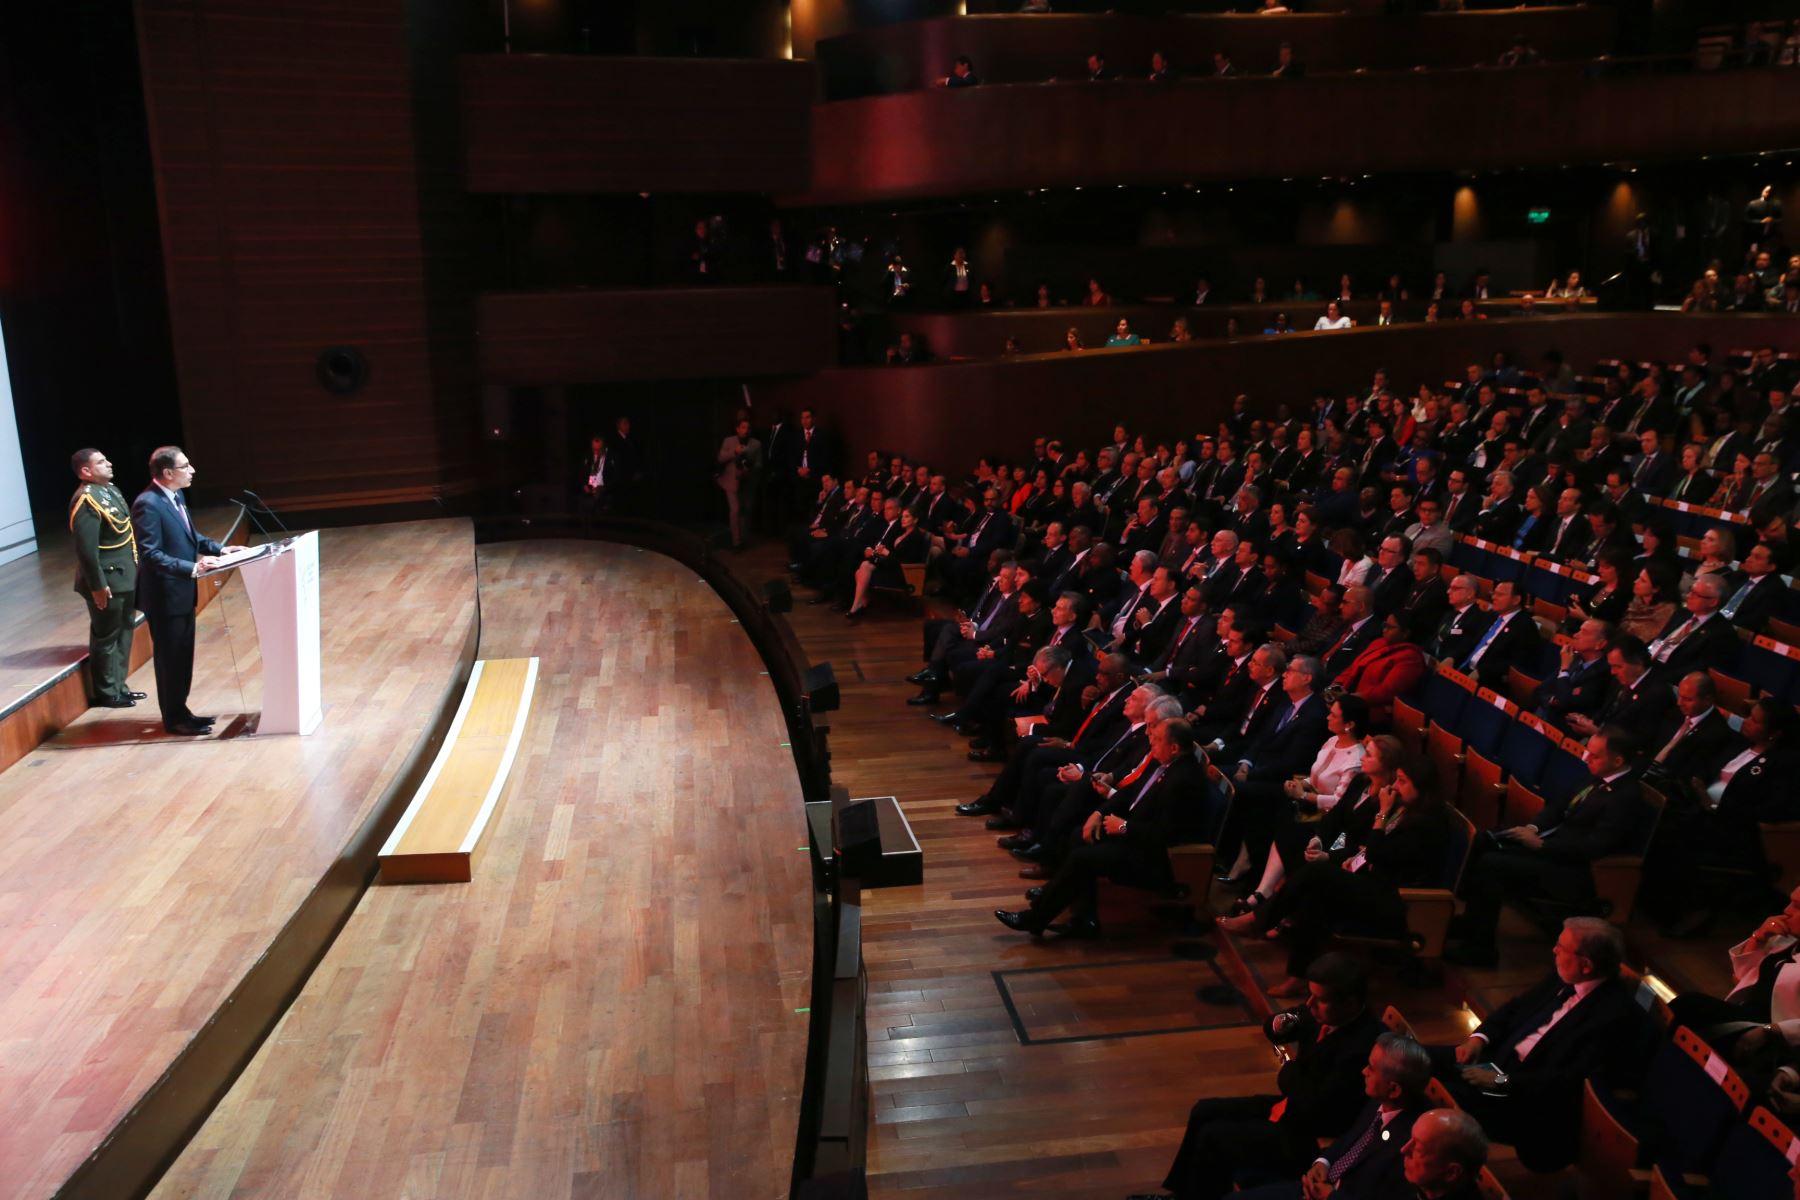 Presidente Martín Vizcarra en la Ceremonia de inauguración de la VIII Cumbre de Las Américas en el Gran Teatro Nacional. Foto: ANDINA/Norman Córdova